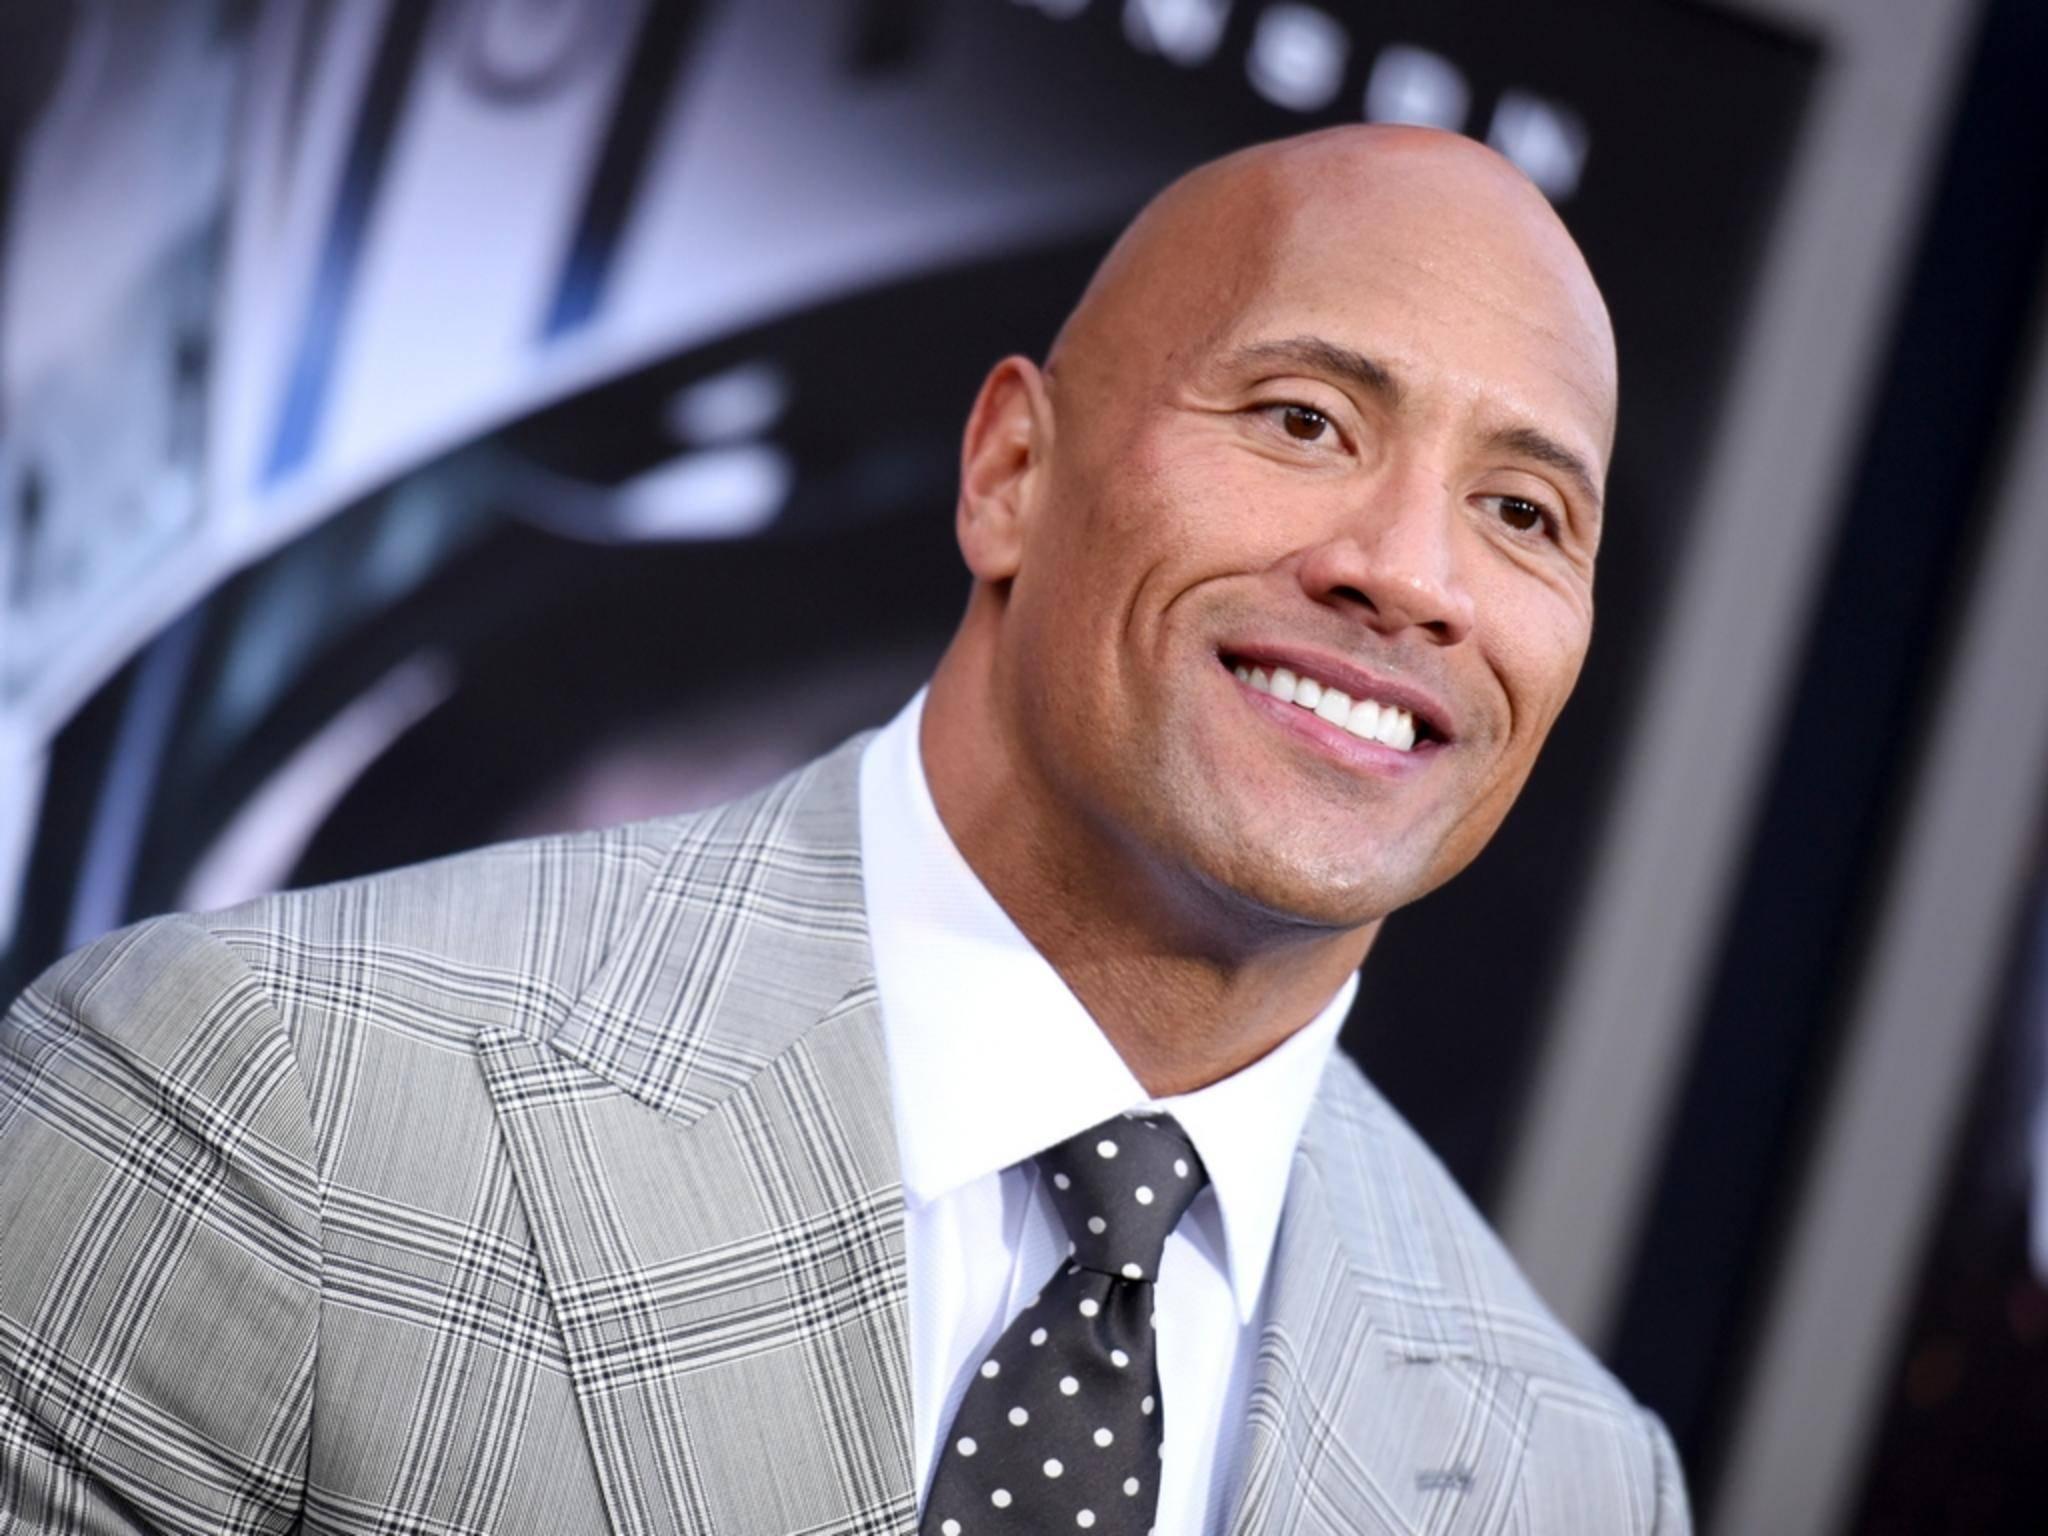 """Imposante Statur, perfekte Zähne, verwegene Glatze: Das """"People""""-Magazine ist hin und weg von Dwayne """"The Rock"""" Johnson."""